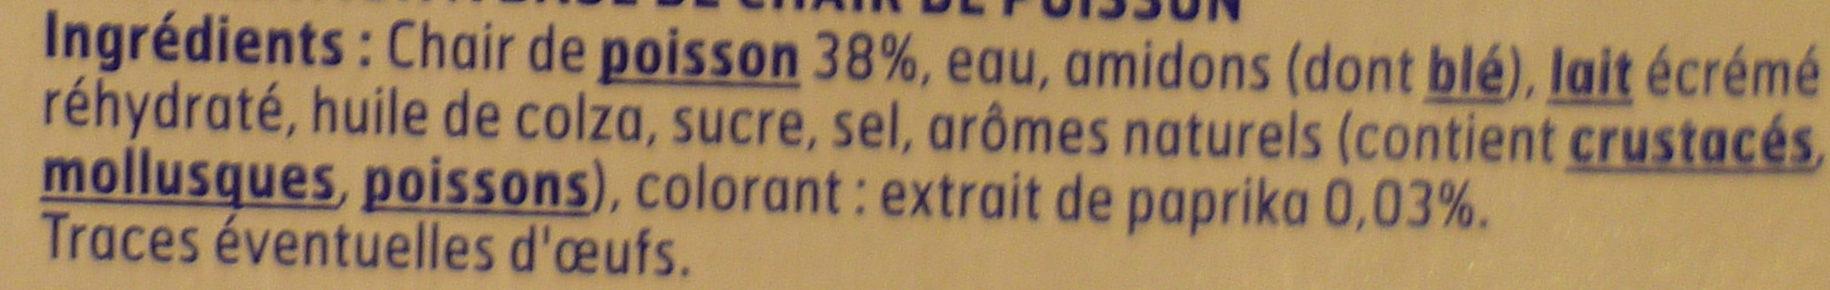 Le bâtonnet Moelleux - 9 bâtonnets - Ingrédients - fr